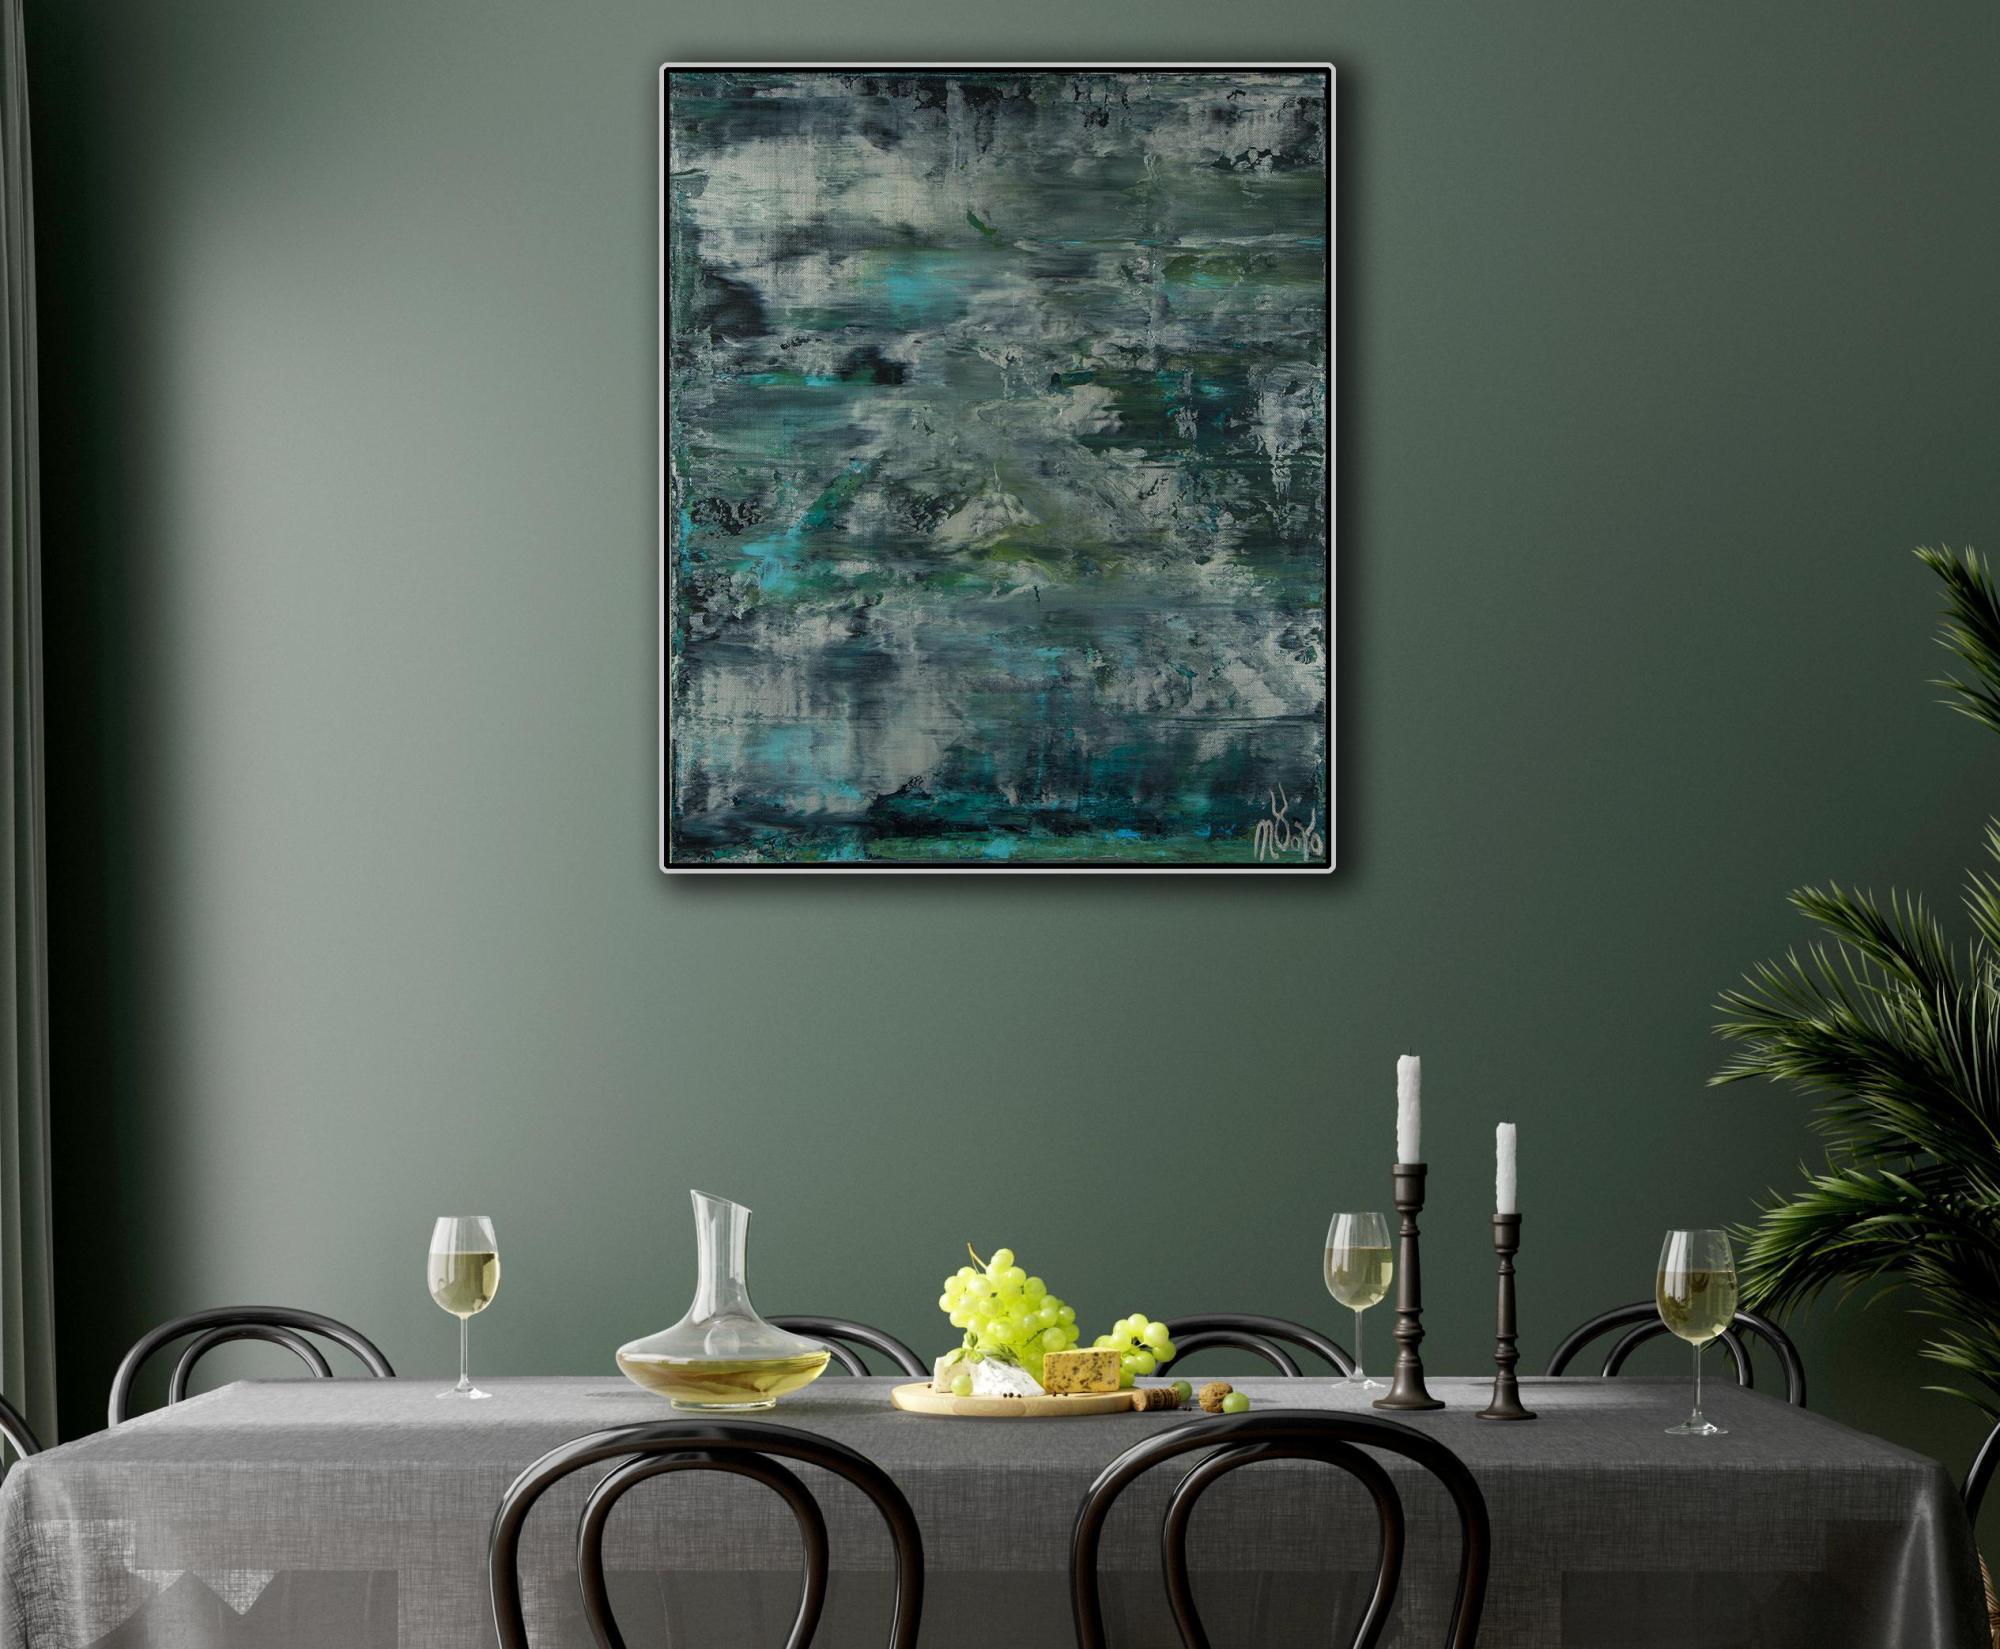 Room example (framed) / Waterflow (Night Clouds) / (2021) / Artist - Nestor Toro